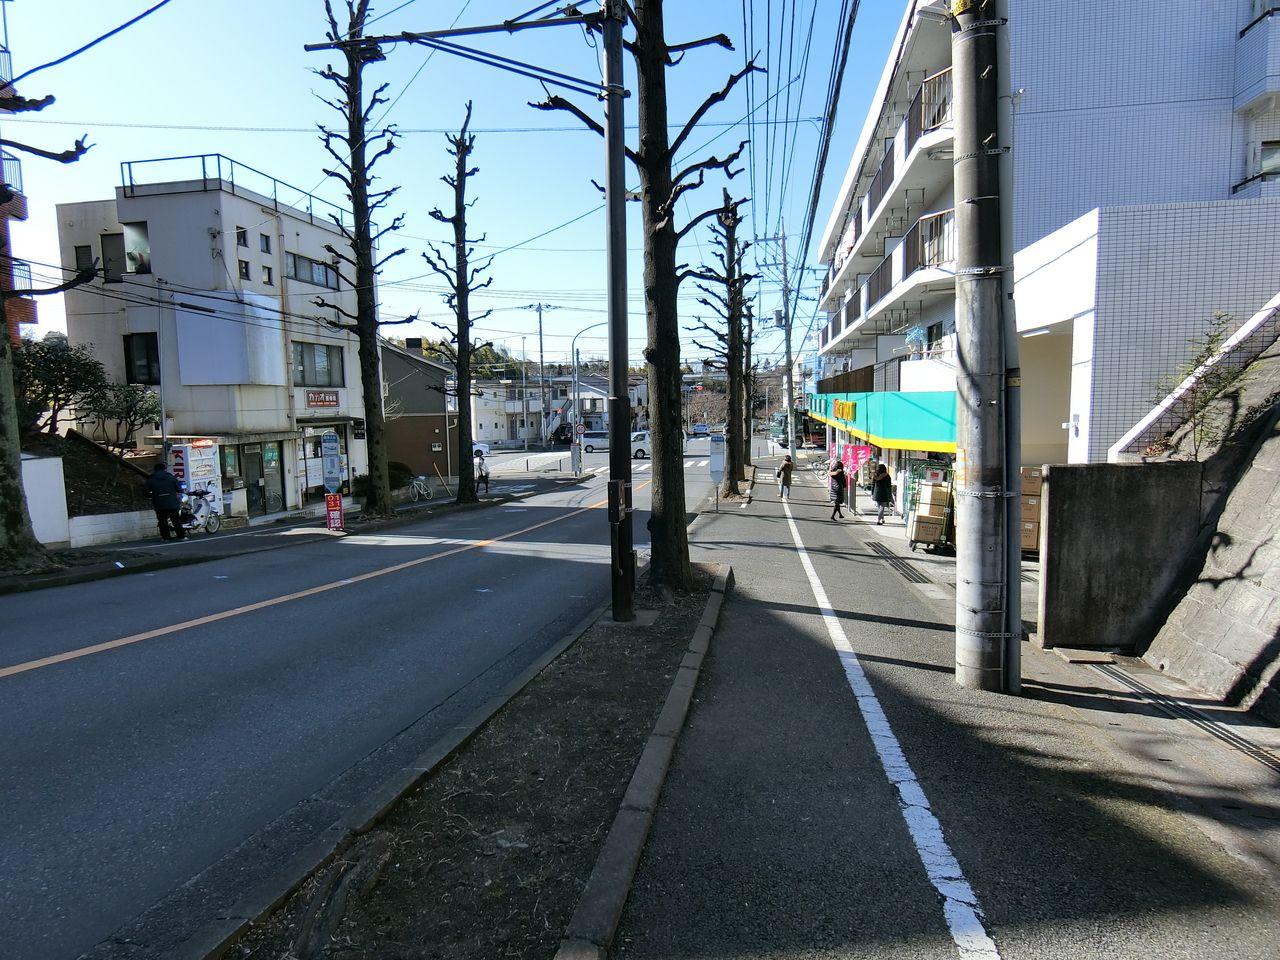 交差点『保木入口』の角に立地するFit Care DEPOT 元石川店の周辺の様子 店舗の近くには、バス停『保木入口』が有ります。